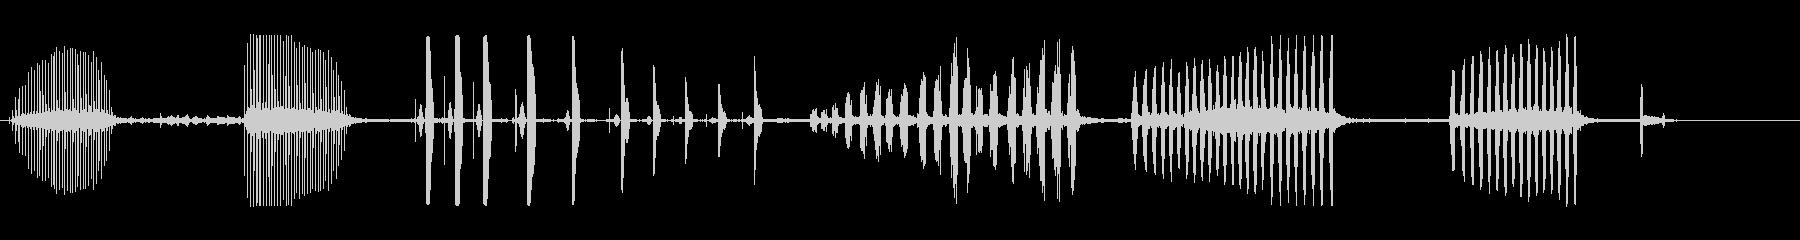 ブラックピークピコネグレの未再生の波形